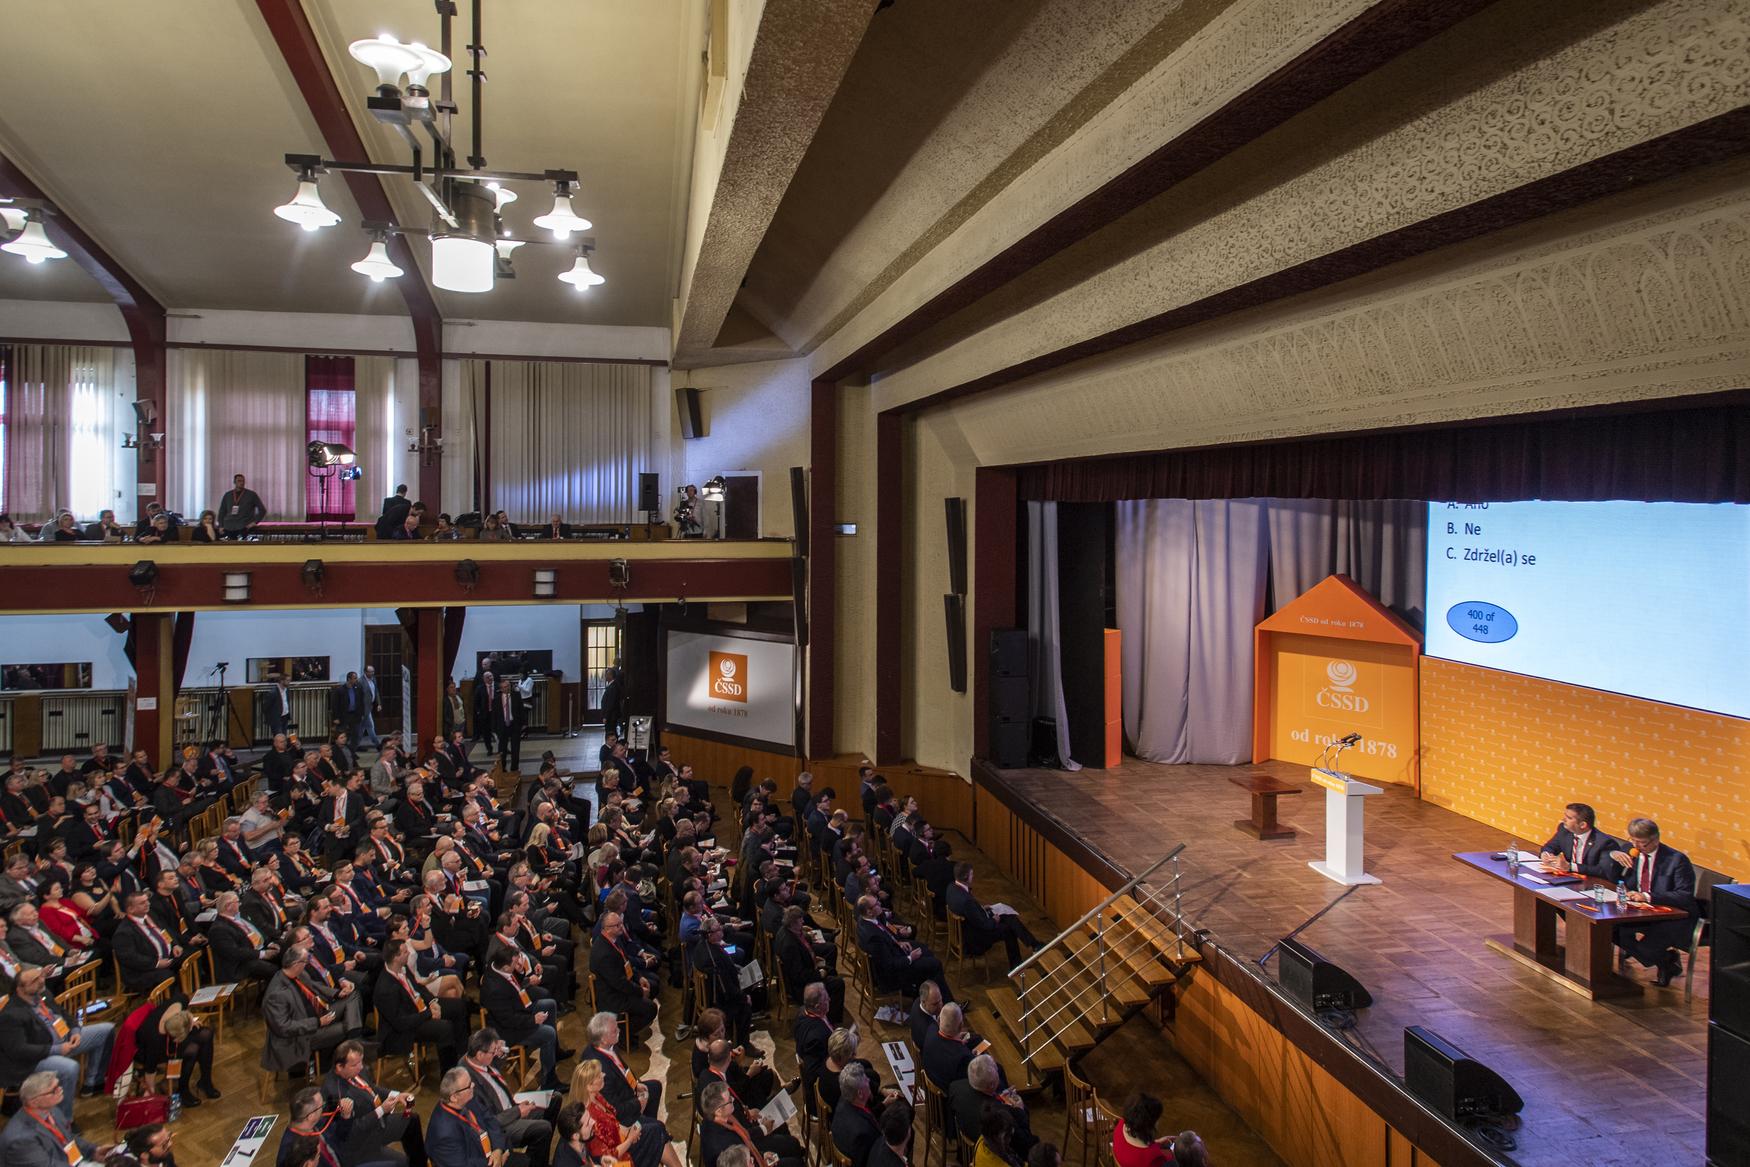 Sjezdu ČSSD se zúčastní 600 delegátů